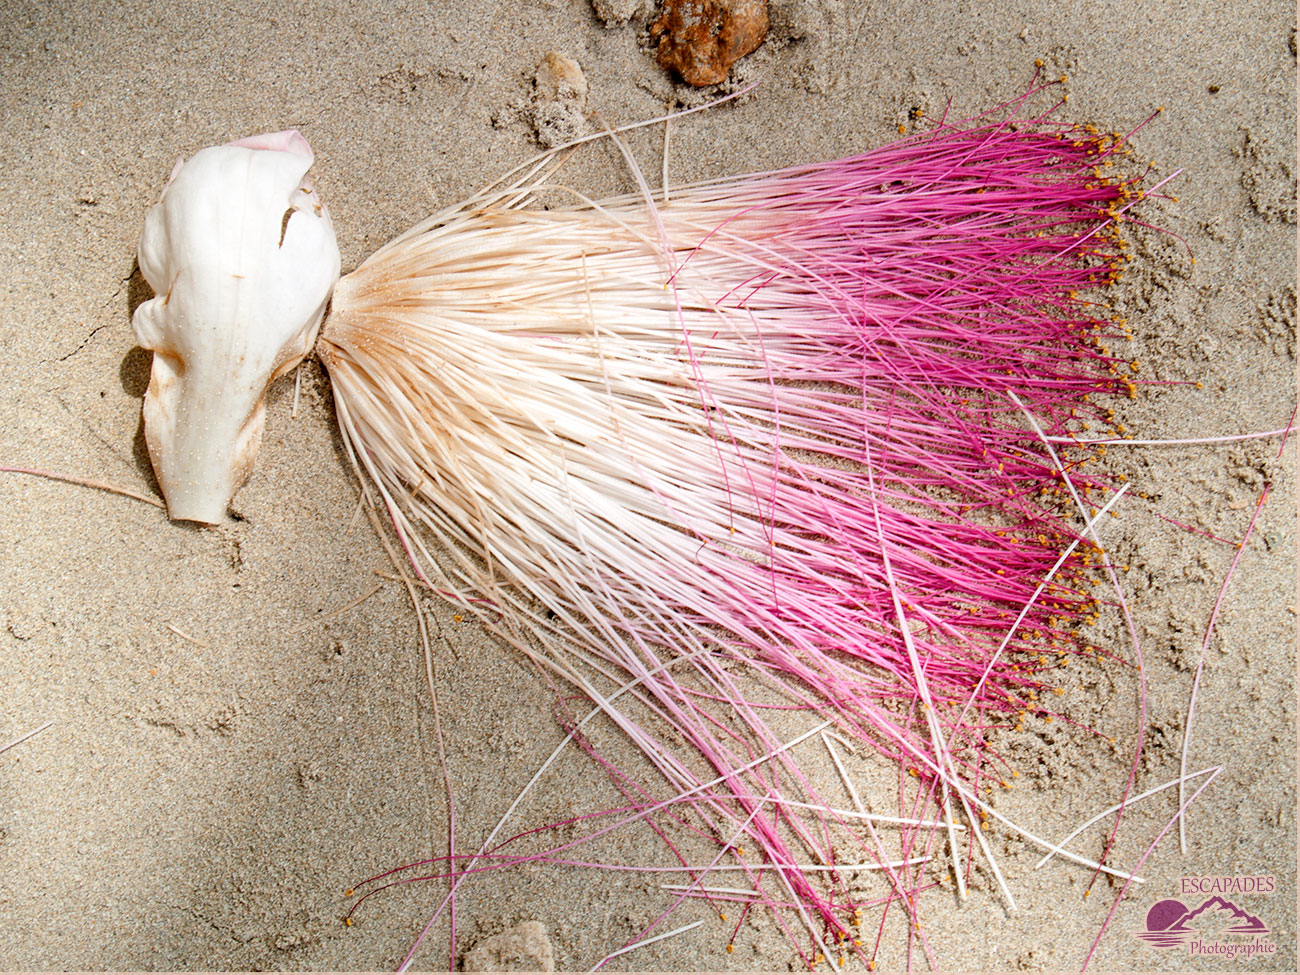 Coquille de bénitier et fleur d'albizia sur une plage à El Nido